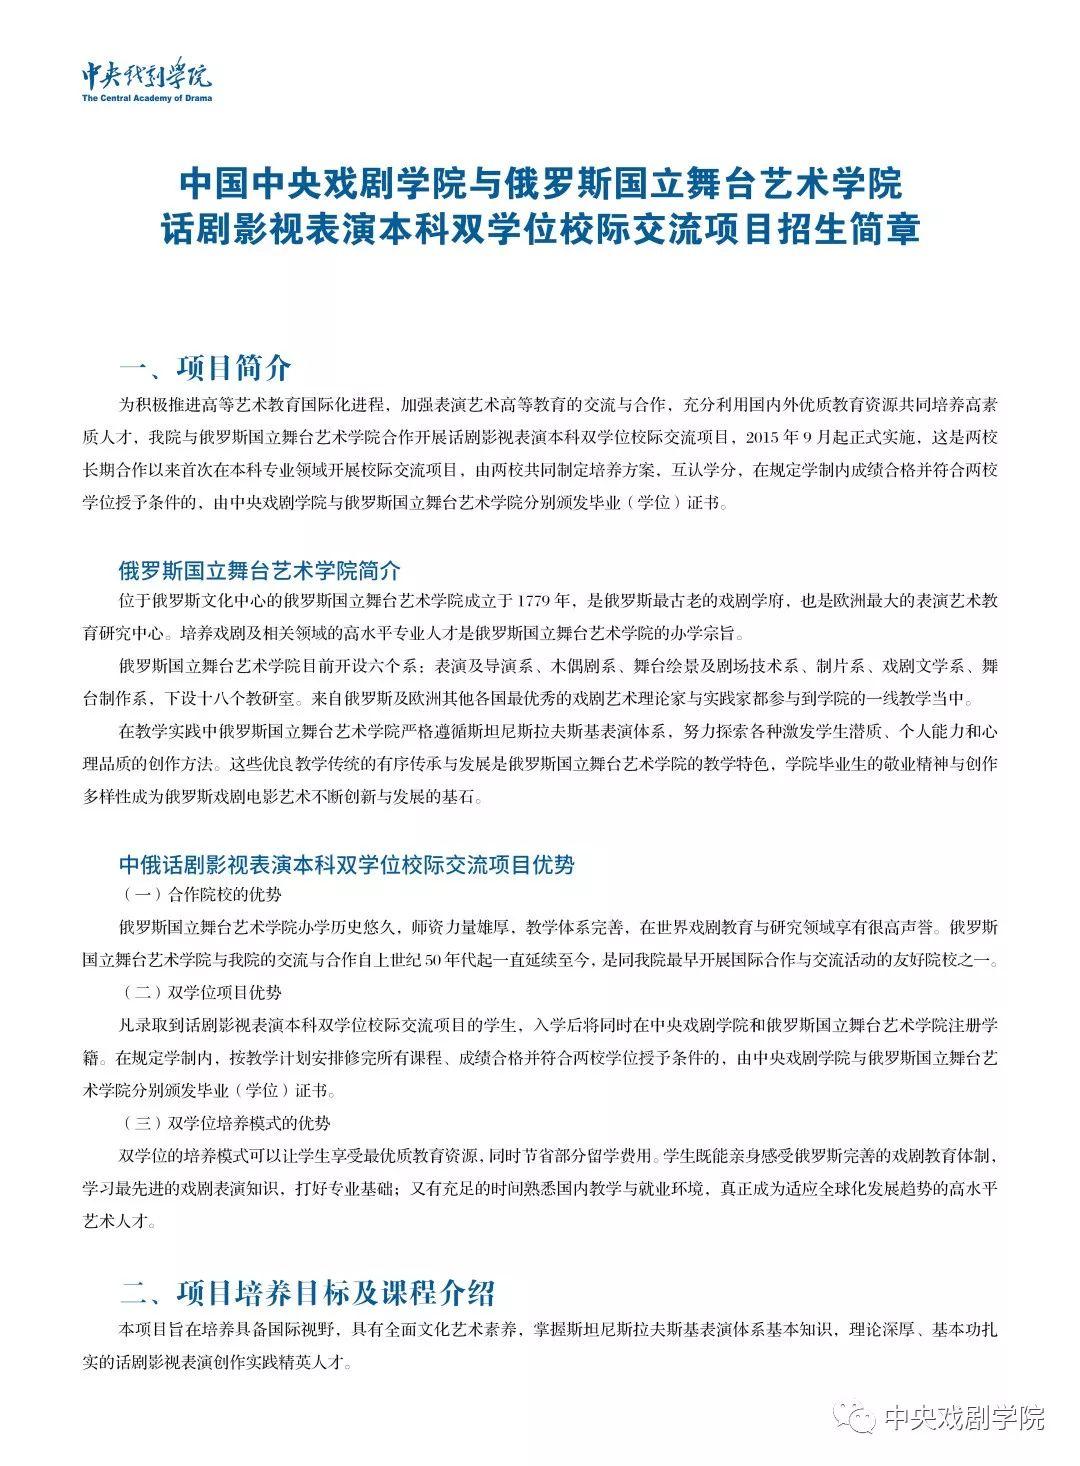 中央戏剧学院2019年话剧影视表演双学位班招生简章